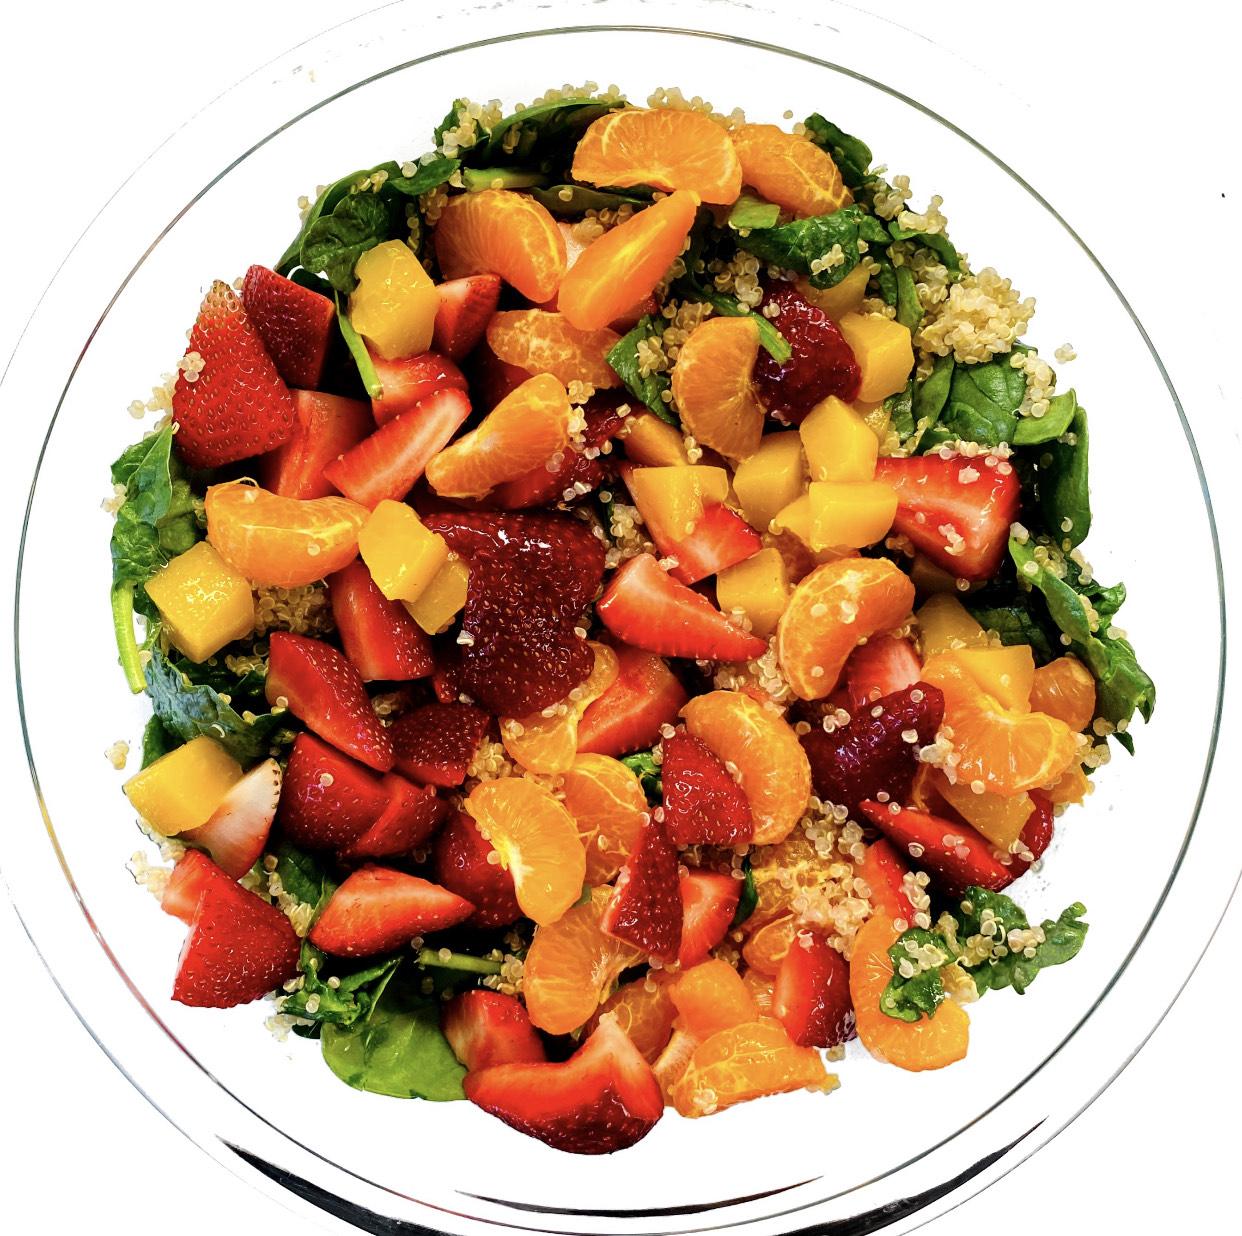 Rainbow Immunity Salad